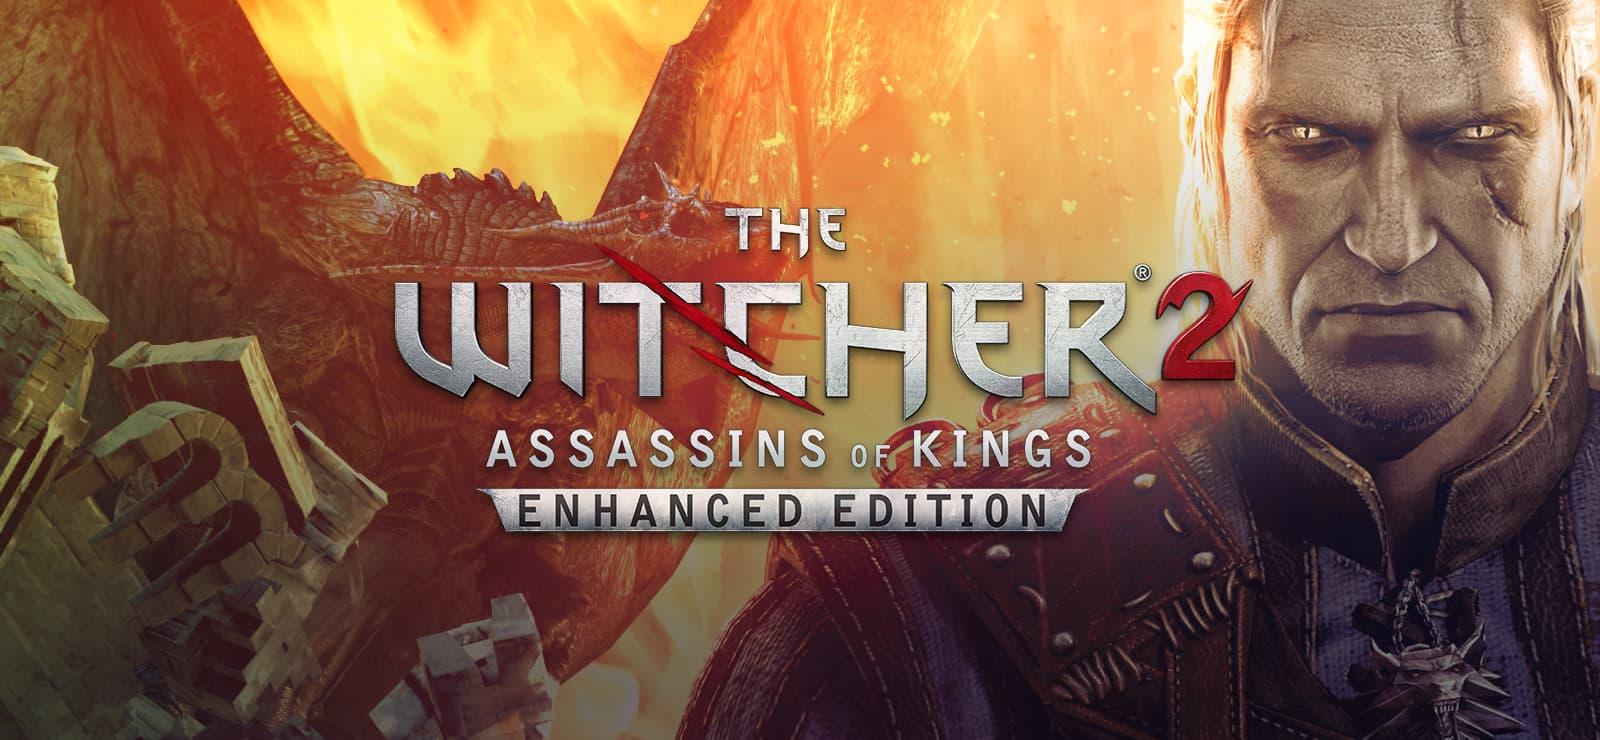 متطلبات تشغيل The Witcher 2